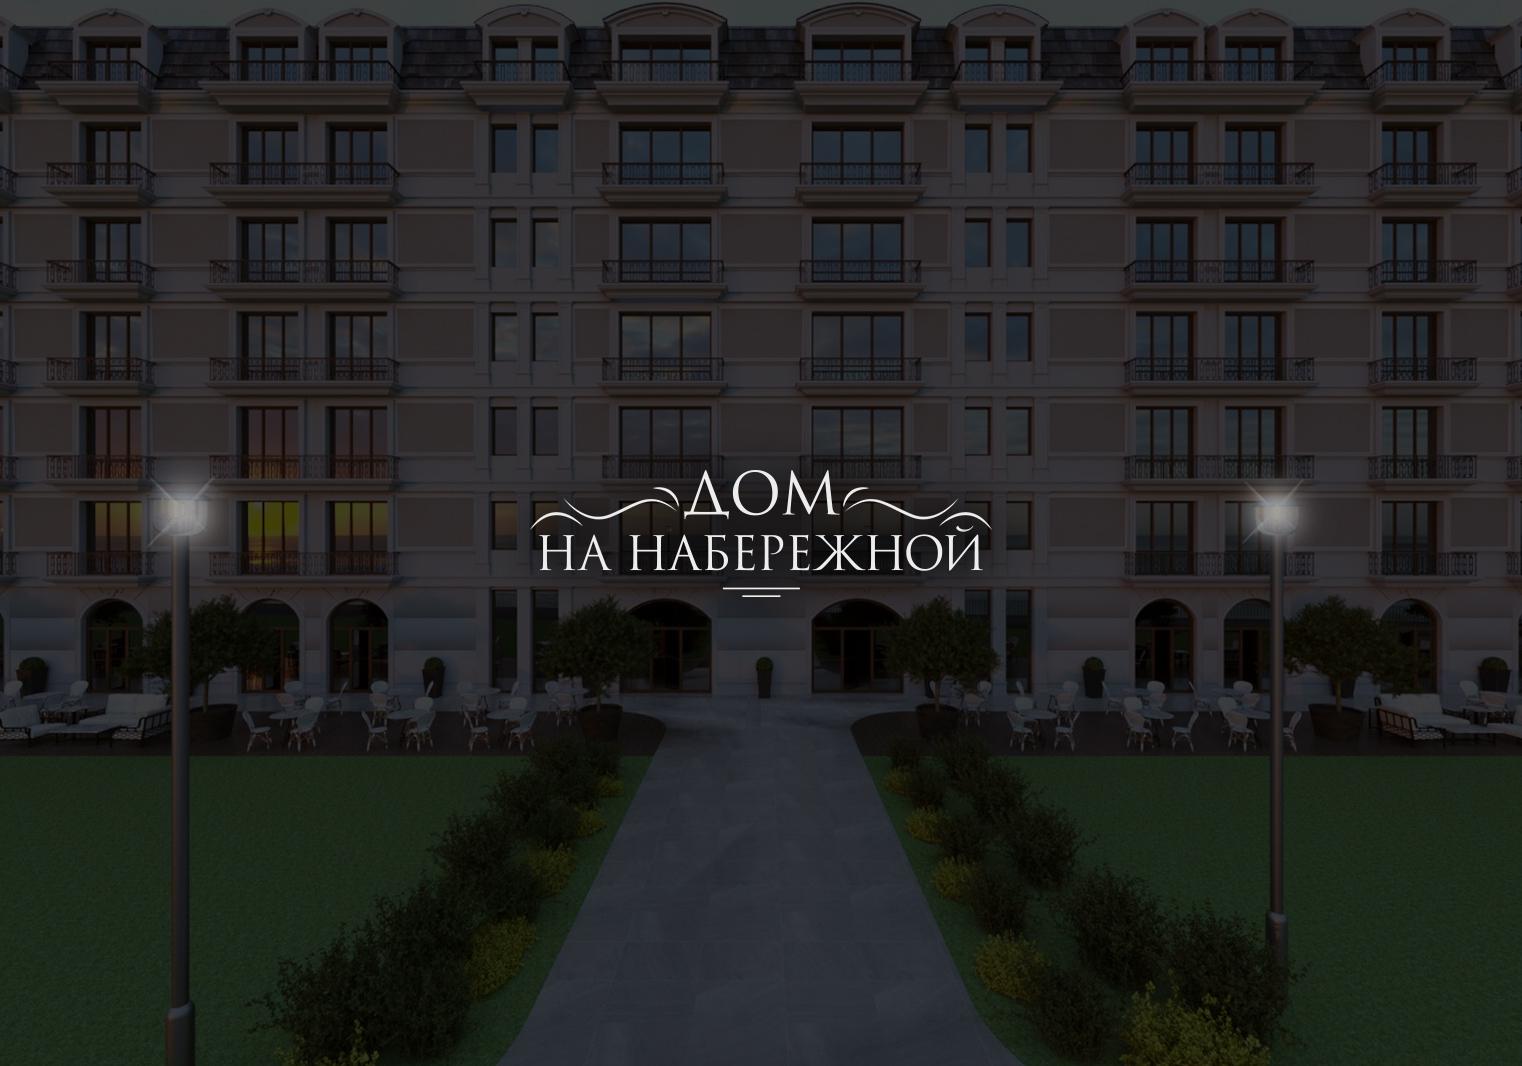 РАЗРАБОТКА логотипа для ЖИЛОГО КОМПЛЕКСА премиум В АНАПЕ.  фото f_0805de52de6b8591.jpg